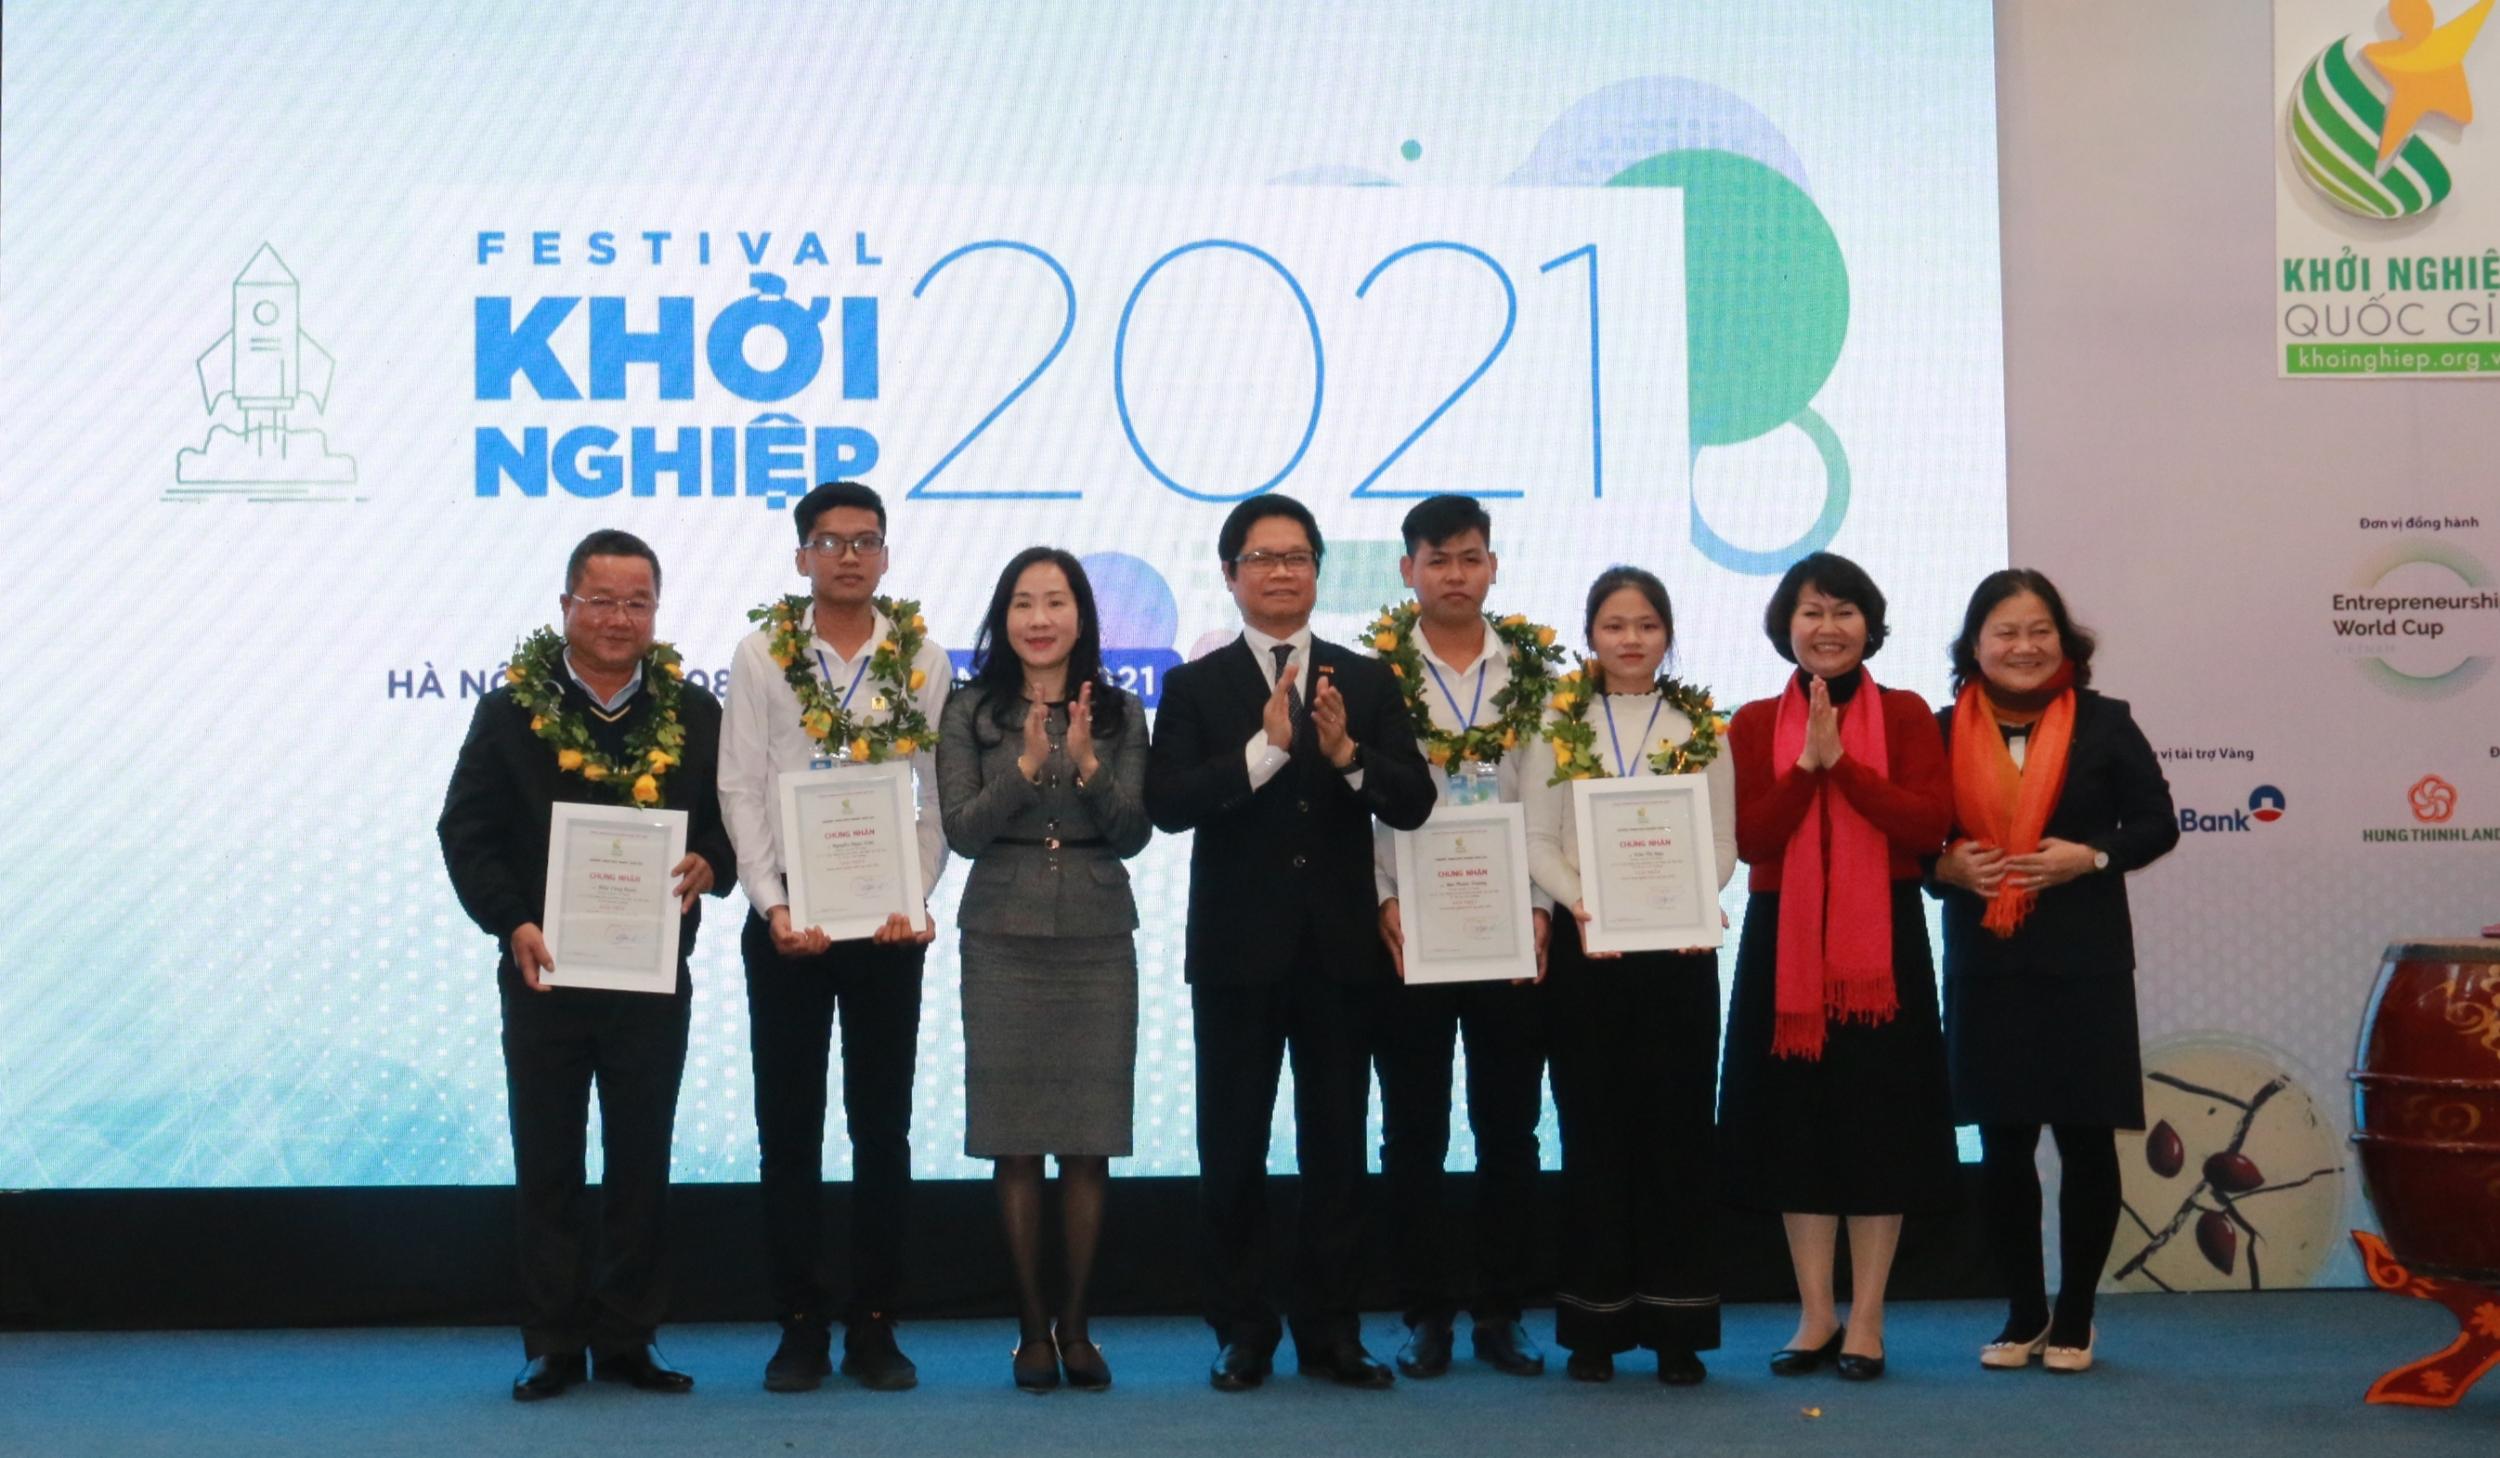 6 dự án xuất sắc đạt giải Cuộc thi Khởi nghiệp Quốc gia 2020